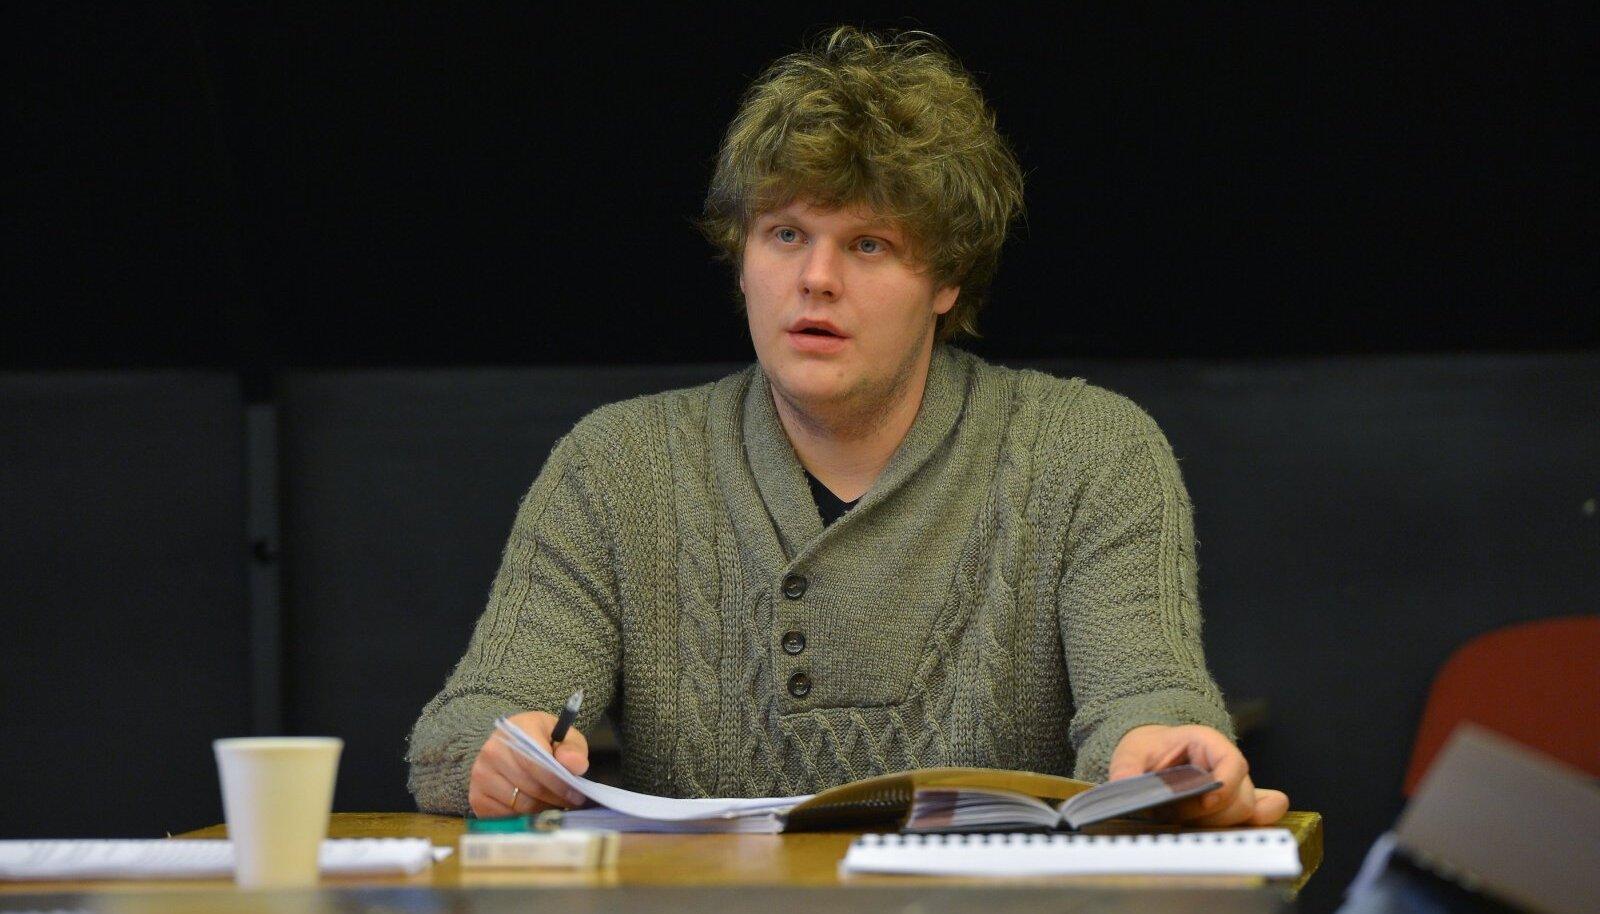 Uku Uusberg